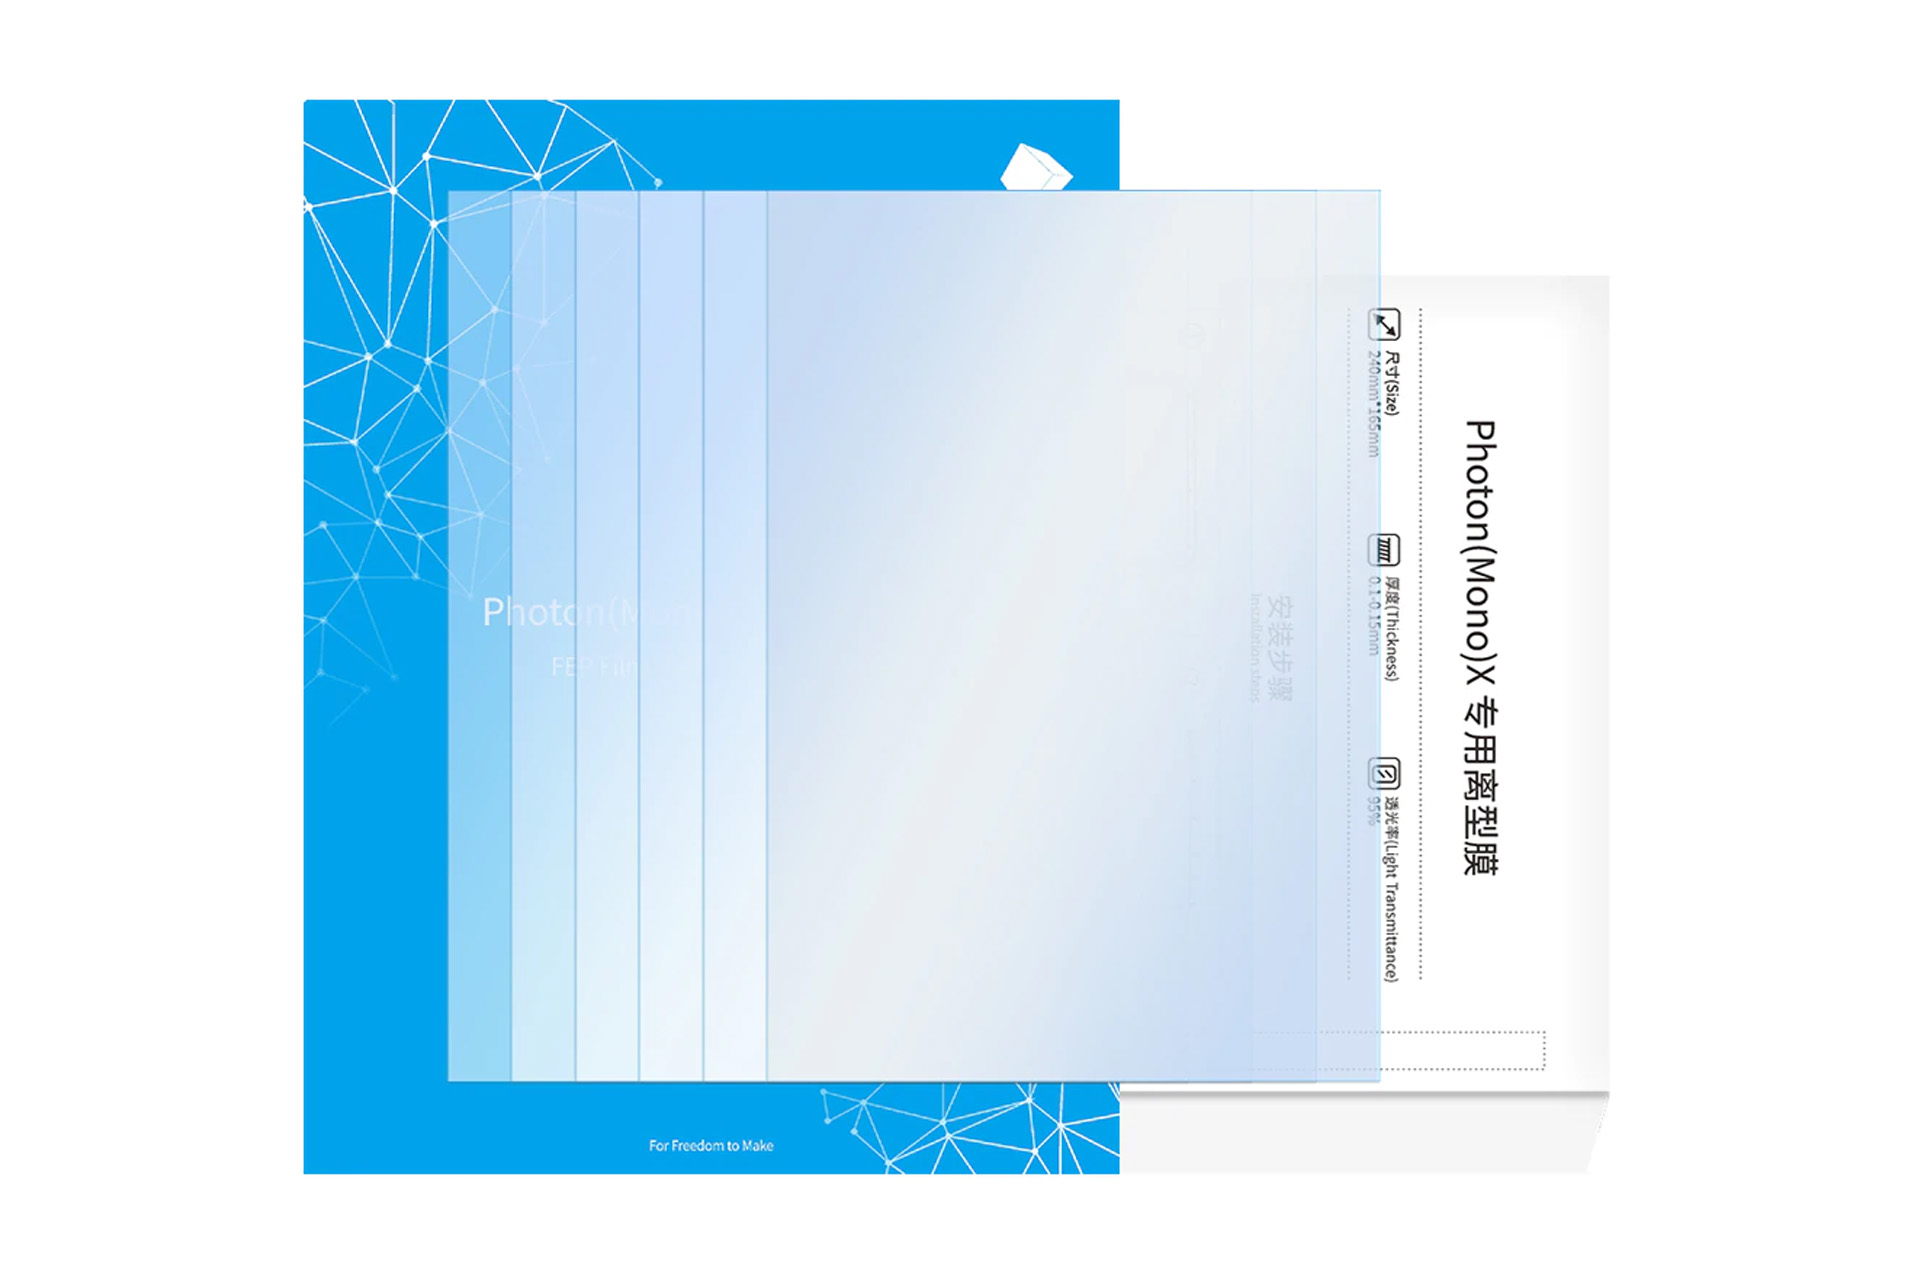 Тефлоновая FEP пленка для ванночки для 3D принтера Anycubic Photon Mono X купить украина 1